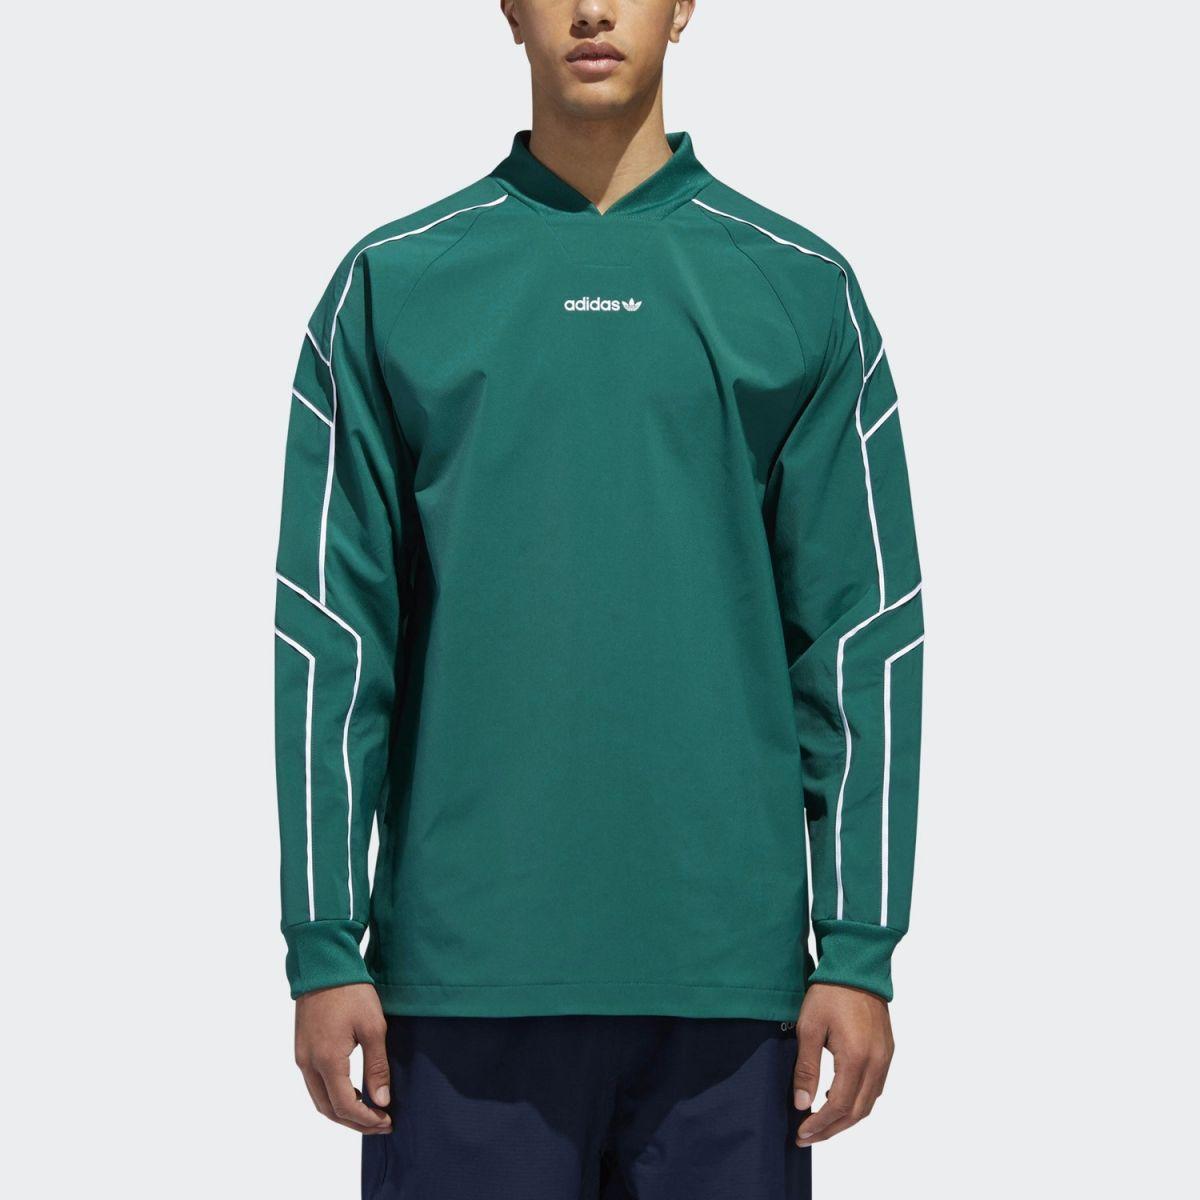 a374da753c6 Type Hoodies adidas Originals EQT Goalie Jersey